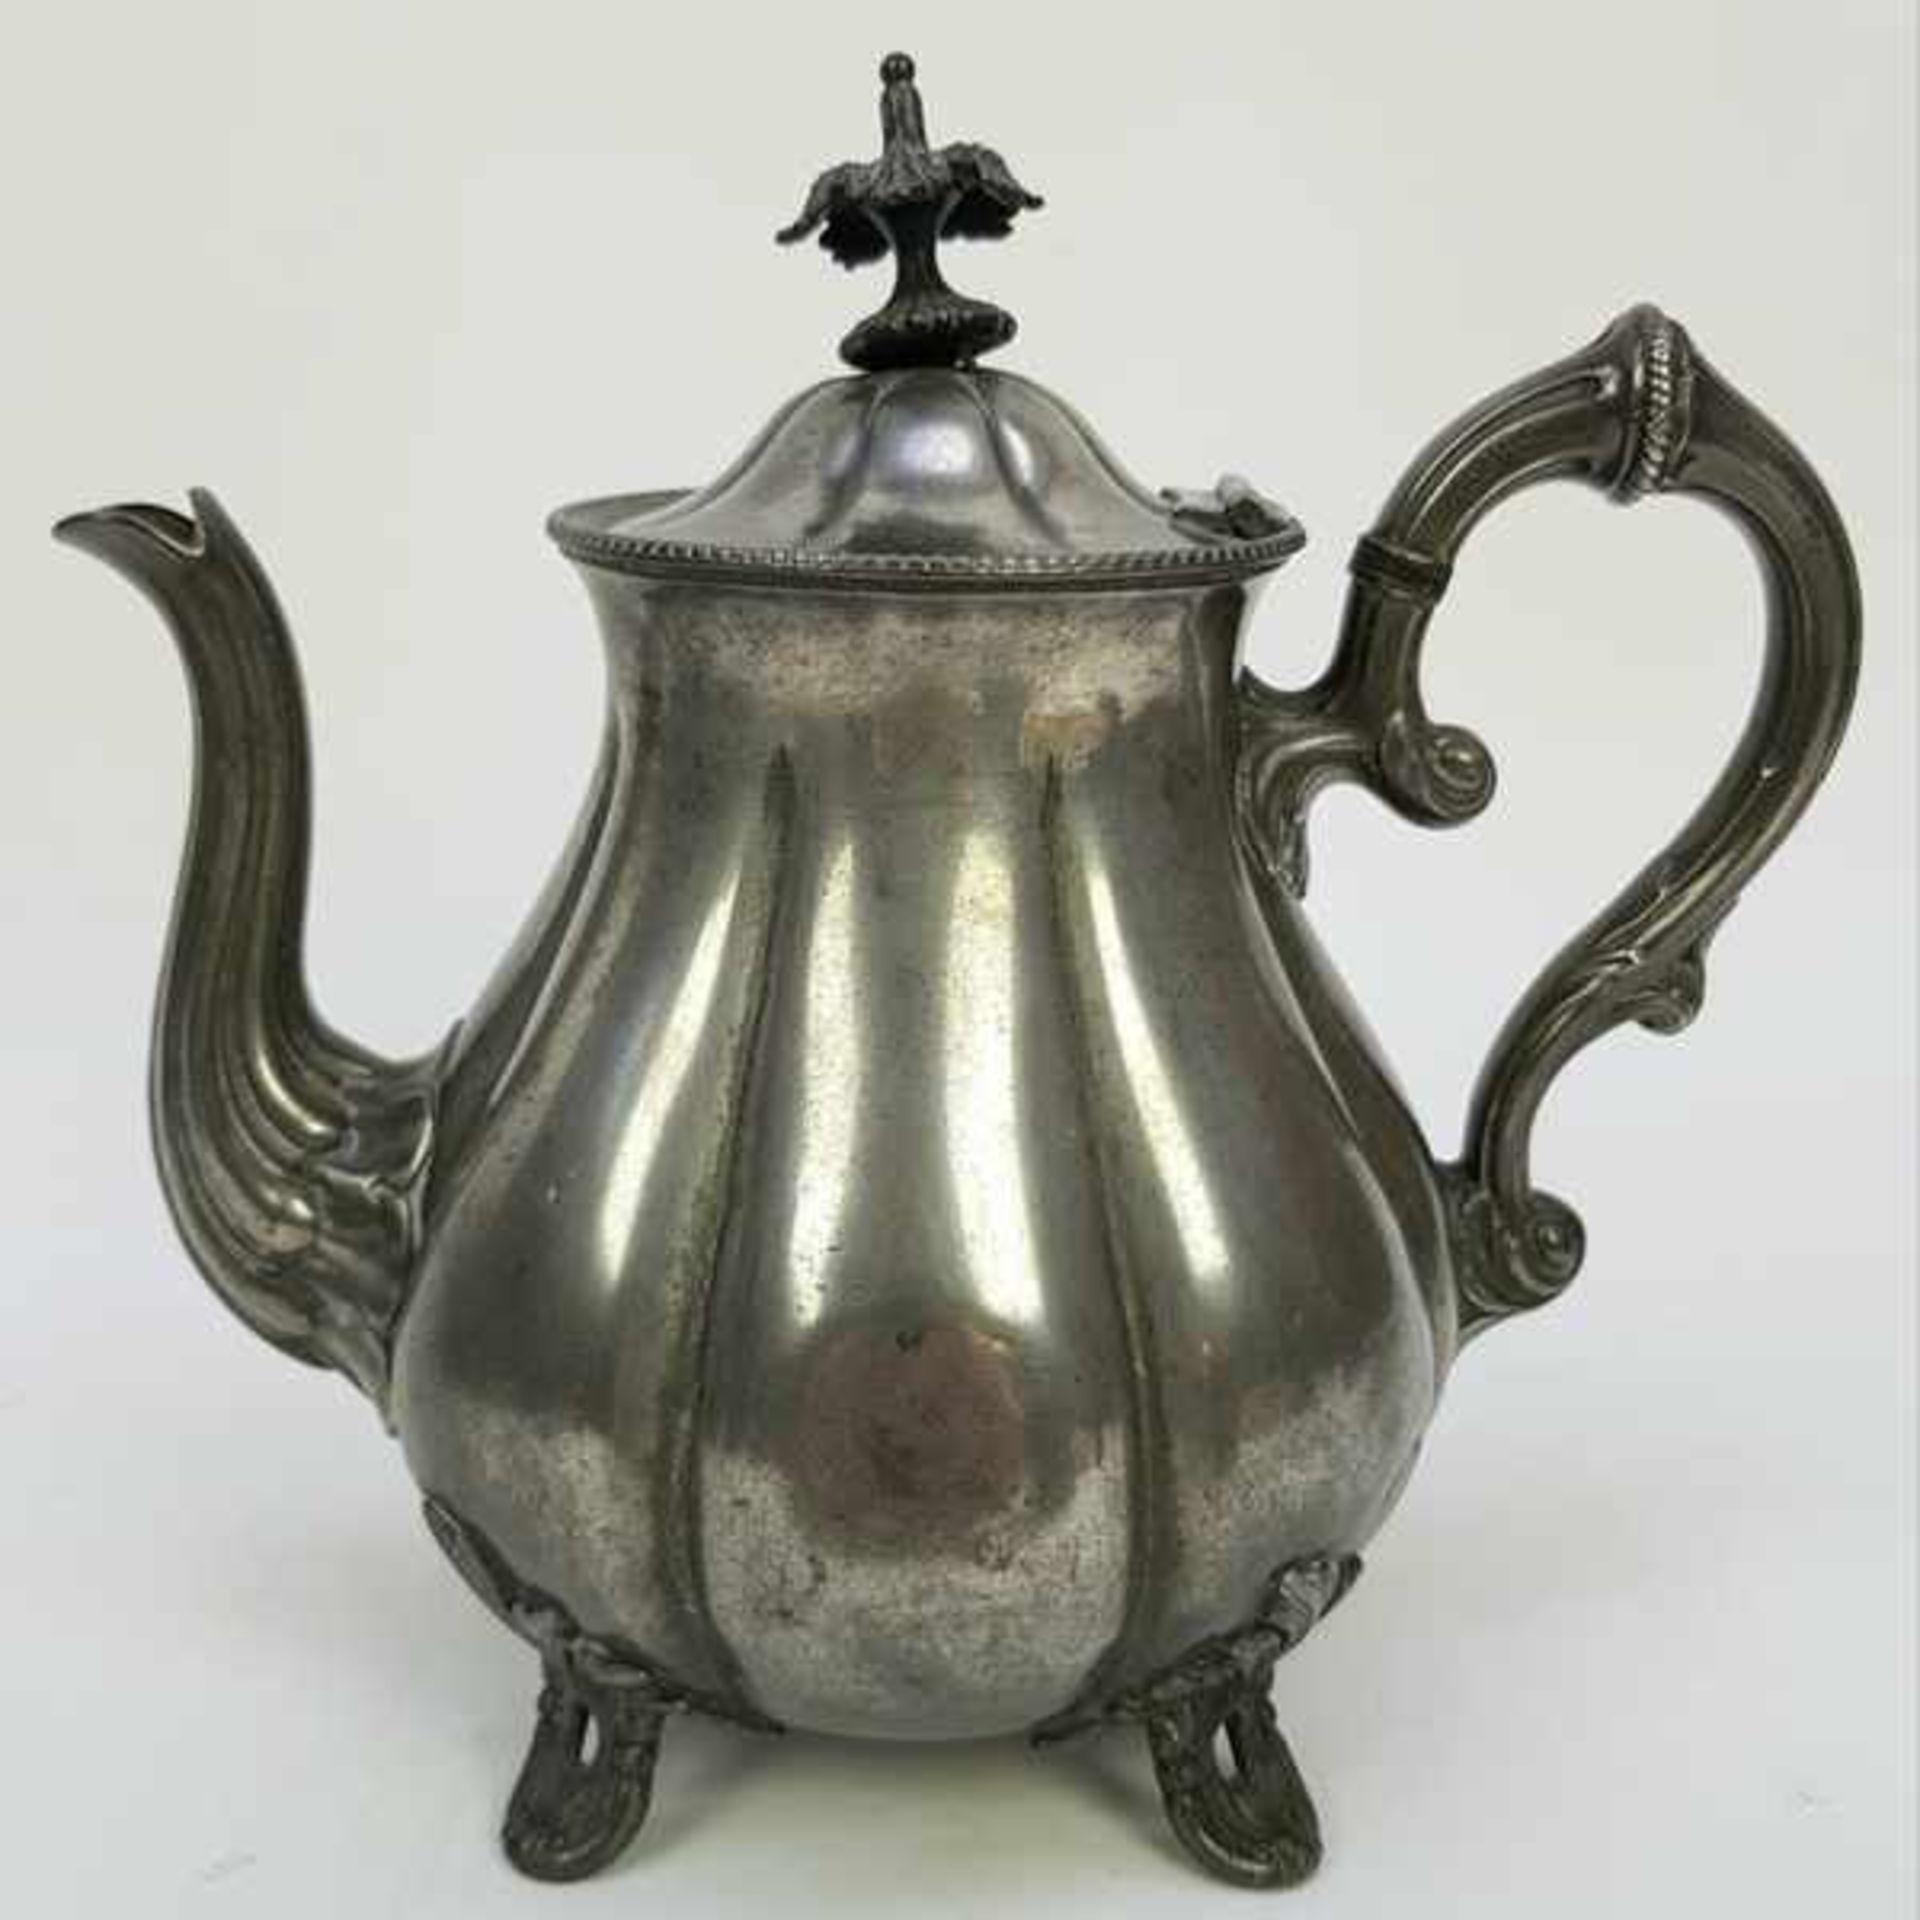 (Antiek) Divers lot thee-en koffiepotten - Bild 6 aus 10